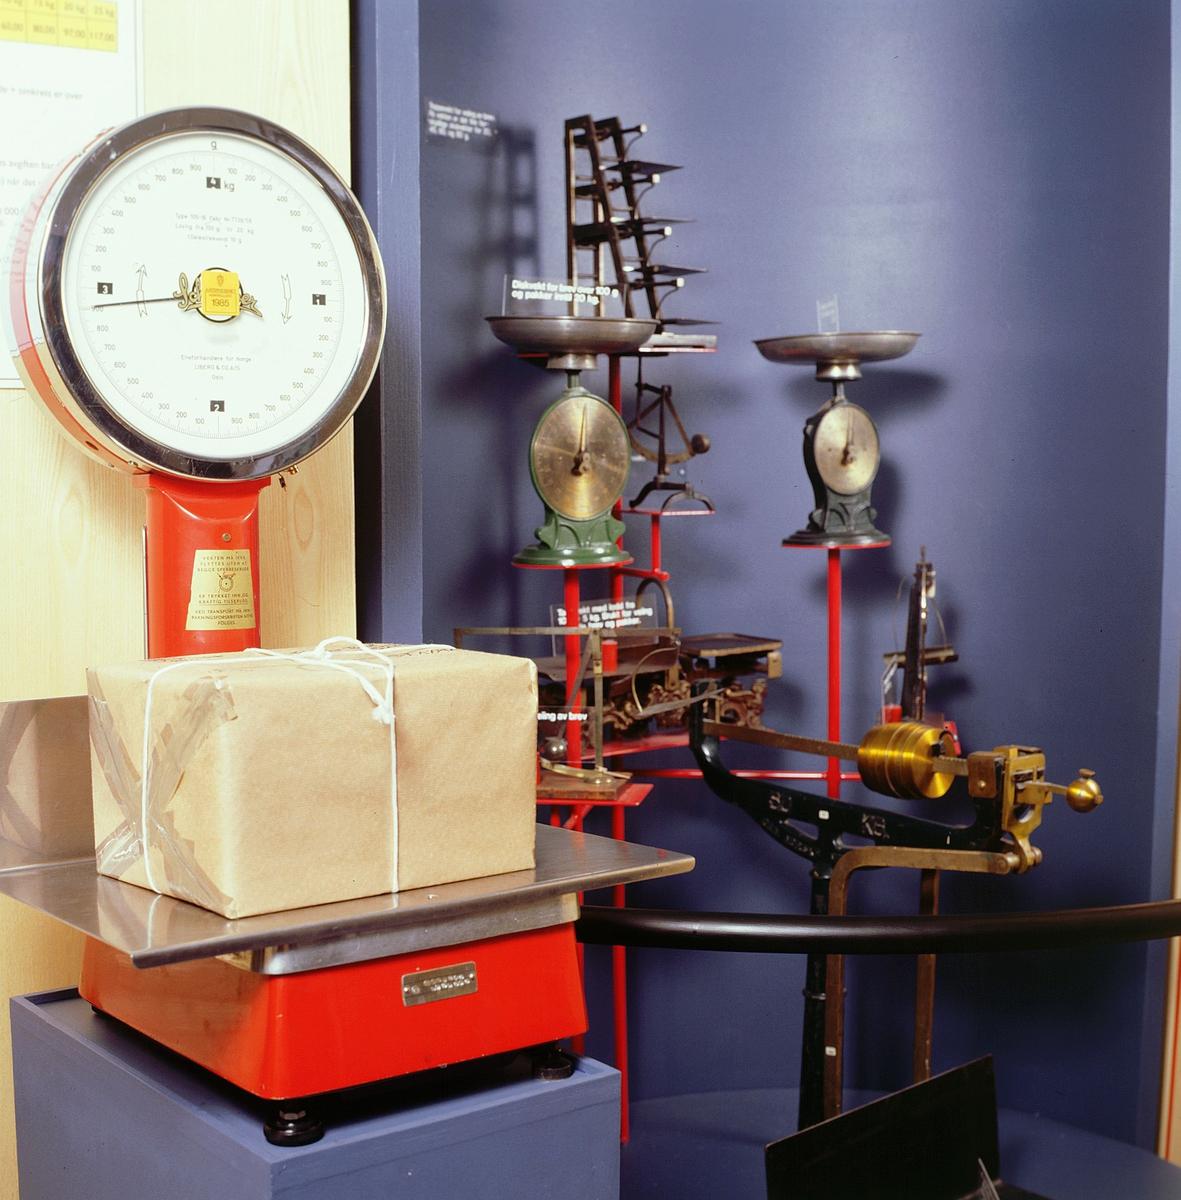 postmuseet, Kirkegata 20, utstilling, vekter